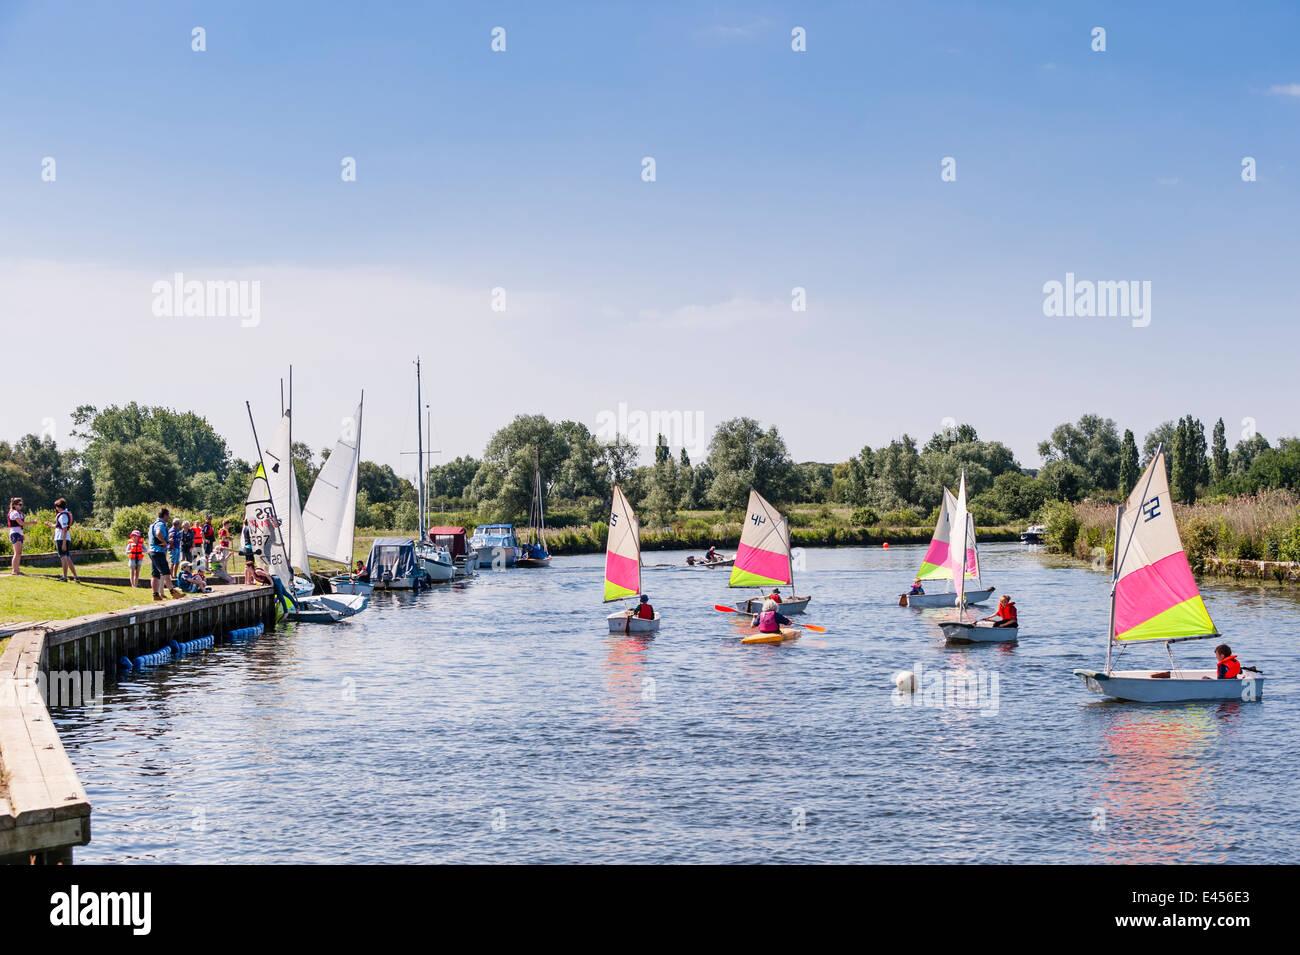 Optimist Jollen am Beccles Amateur Segelclub am Fluss Waveney Beccles, Suffolk, England, Großbritannien, UK Stockbild